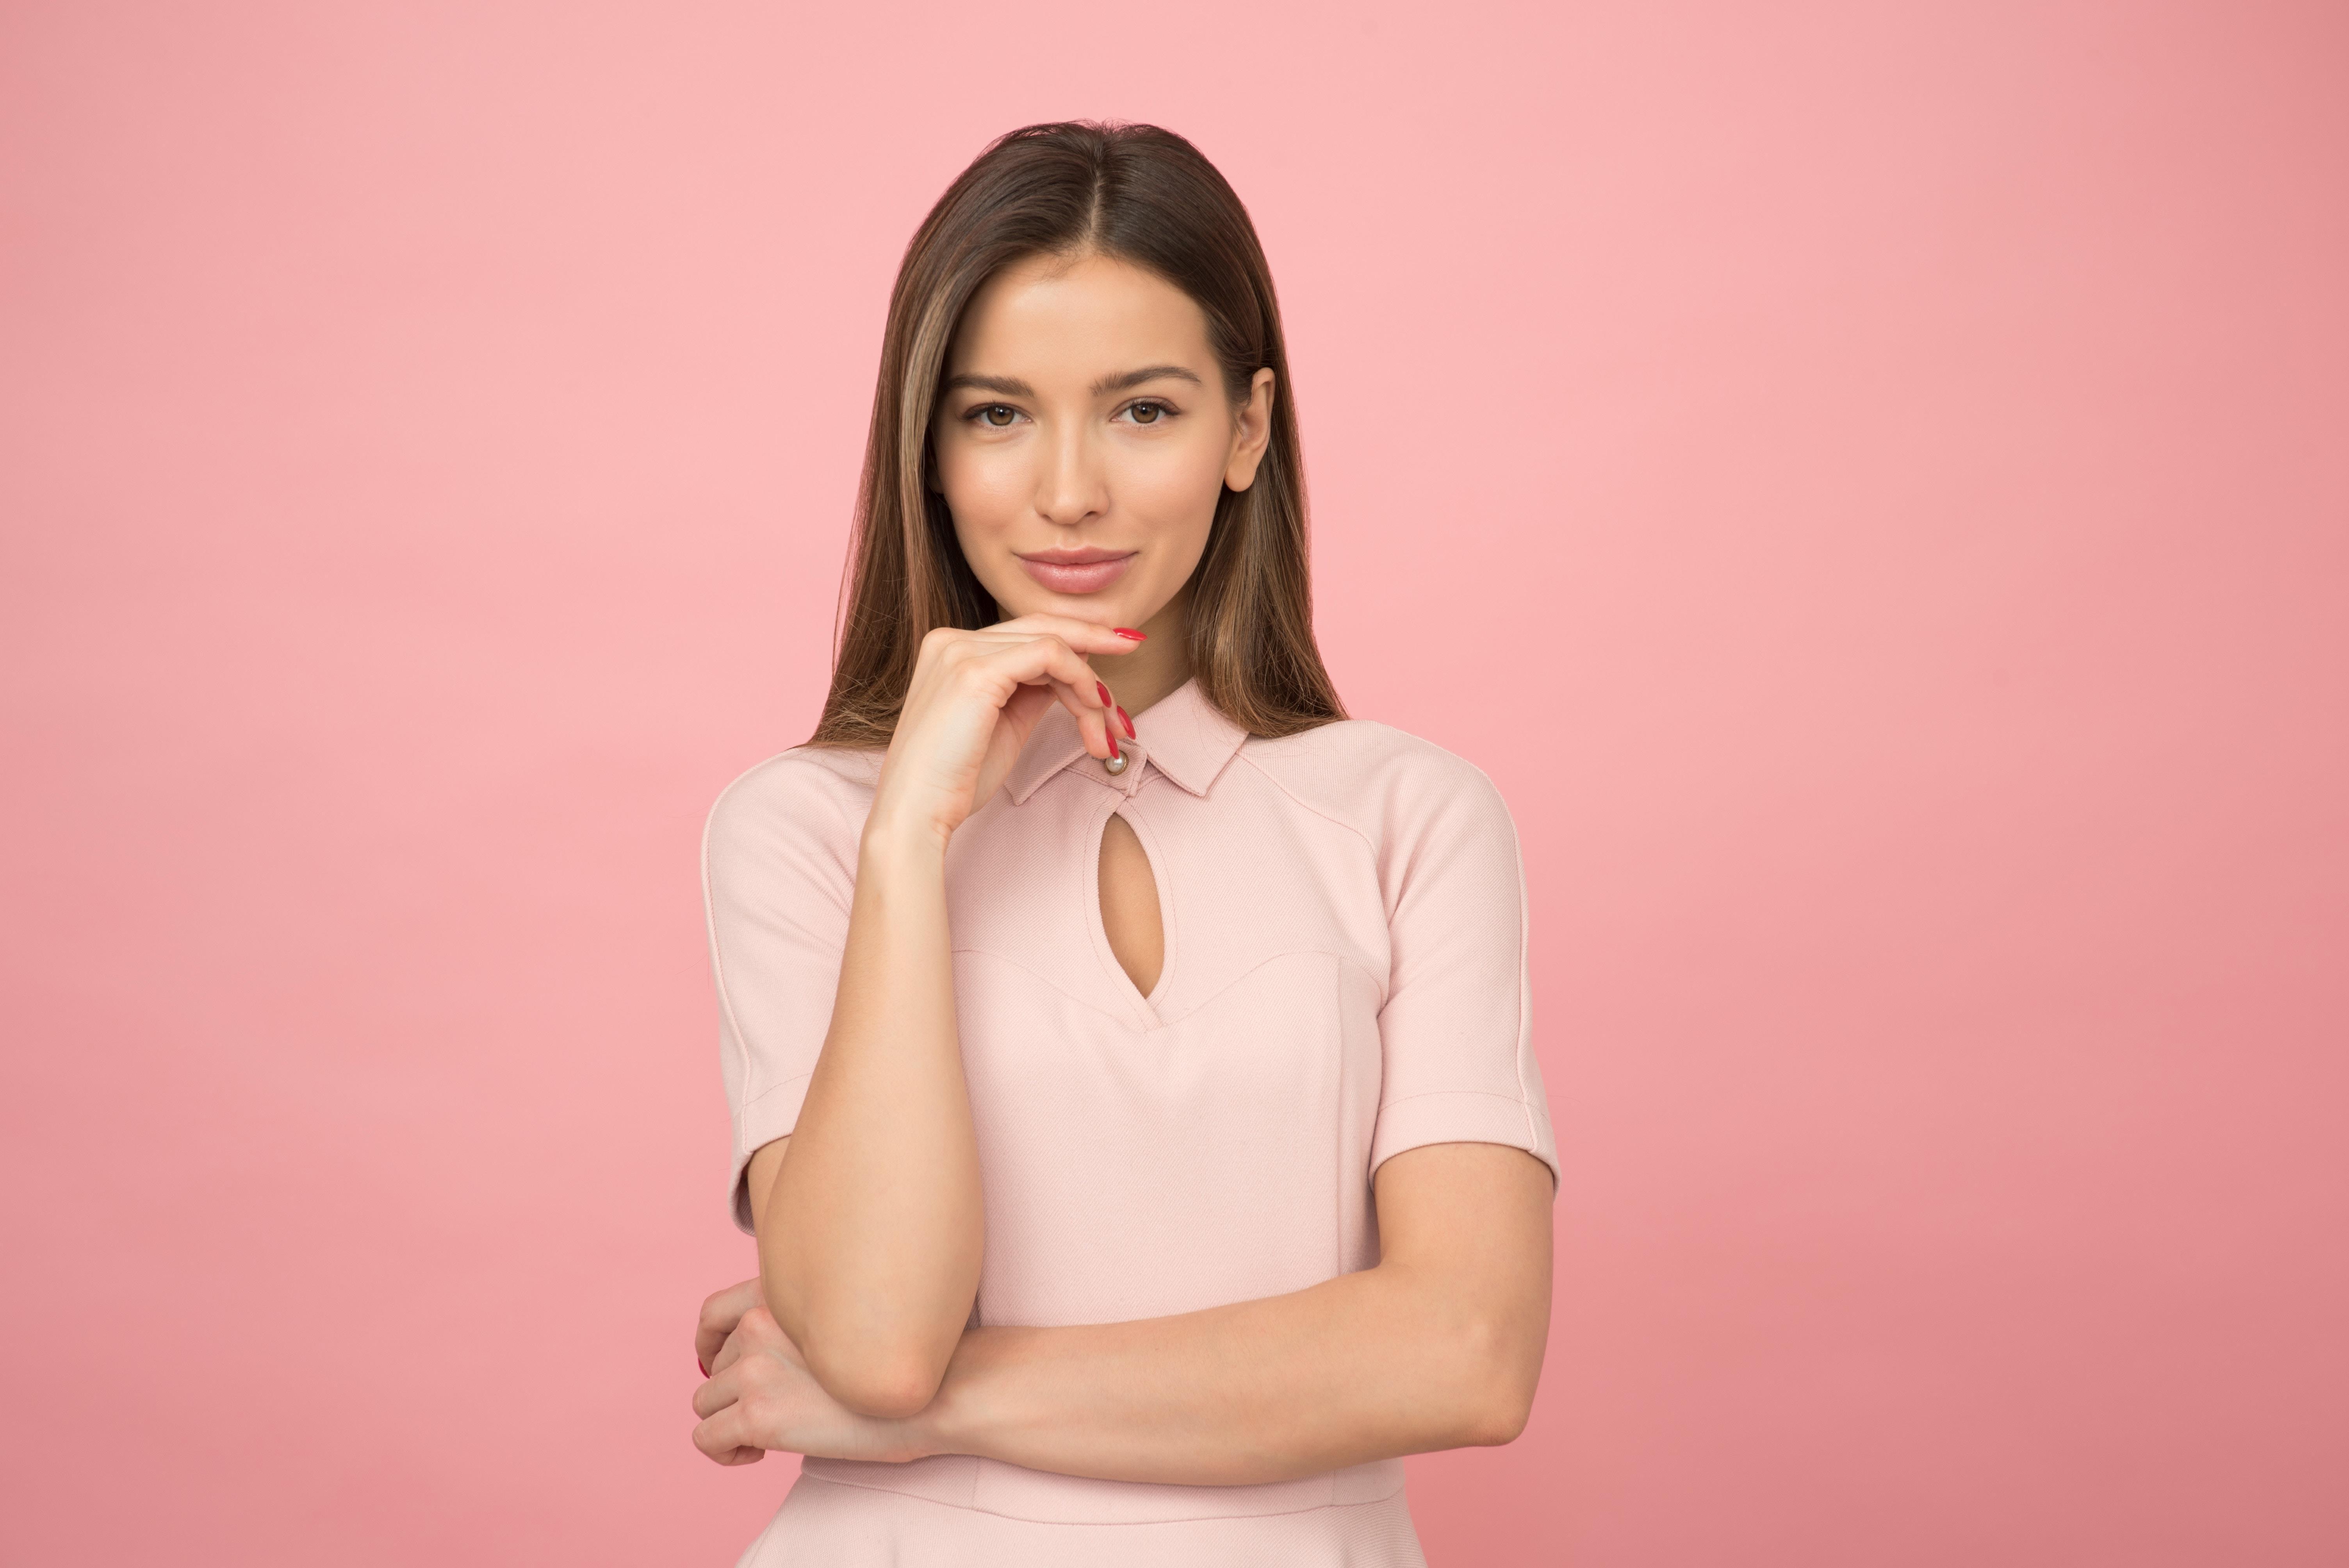 6efe1c88599ba2 Biznesowy dress code na lato: trendy modowe w pracy - Moda - Newsweek.pl